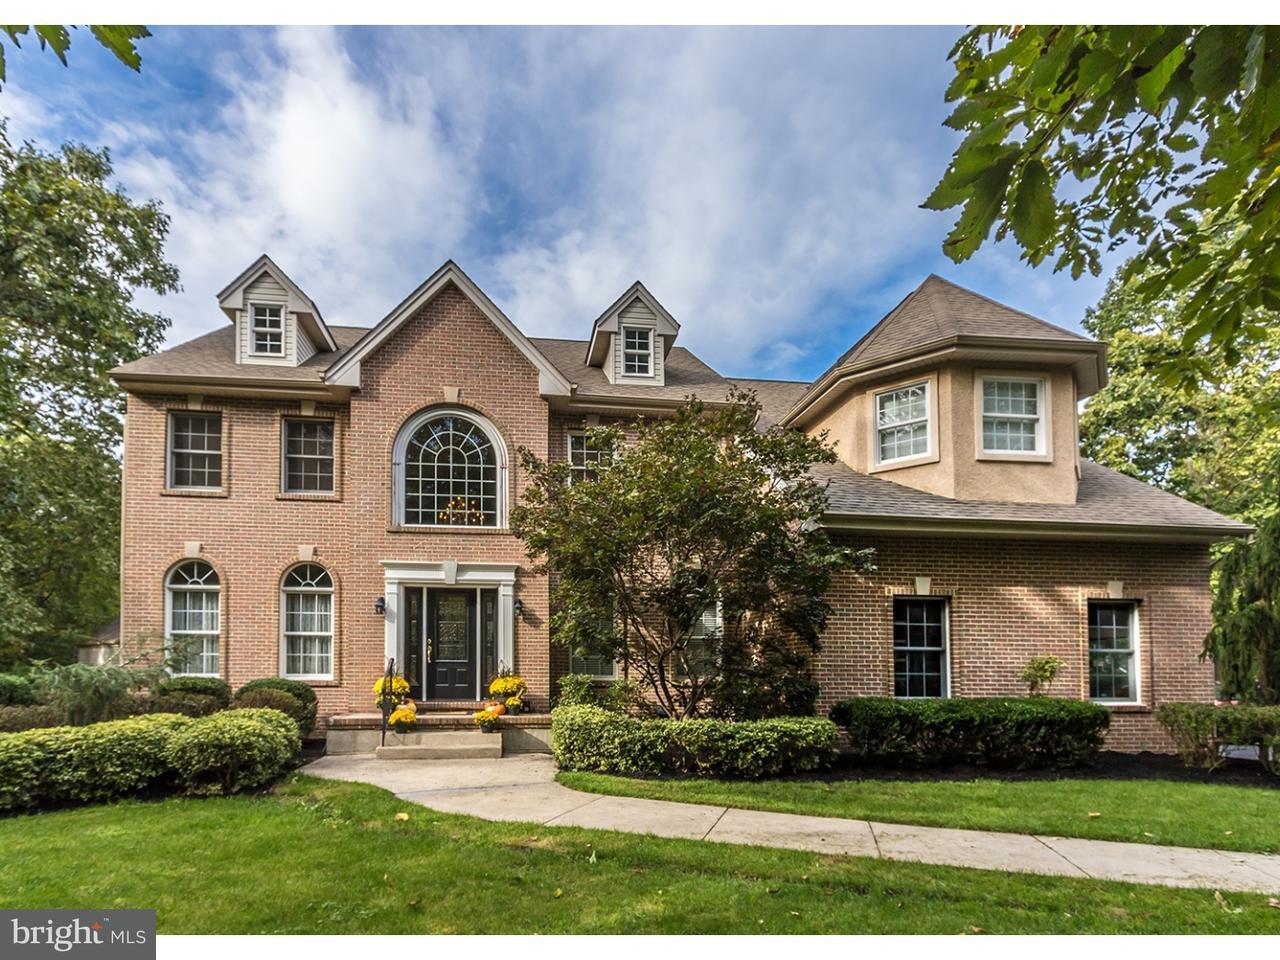 Maison unifamiliale pour l Vente à 2 THOMAS EAKINS WAY Marlton, New Jersey 08053 États-Unis